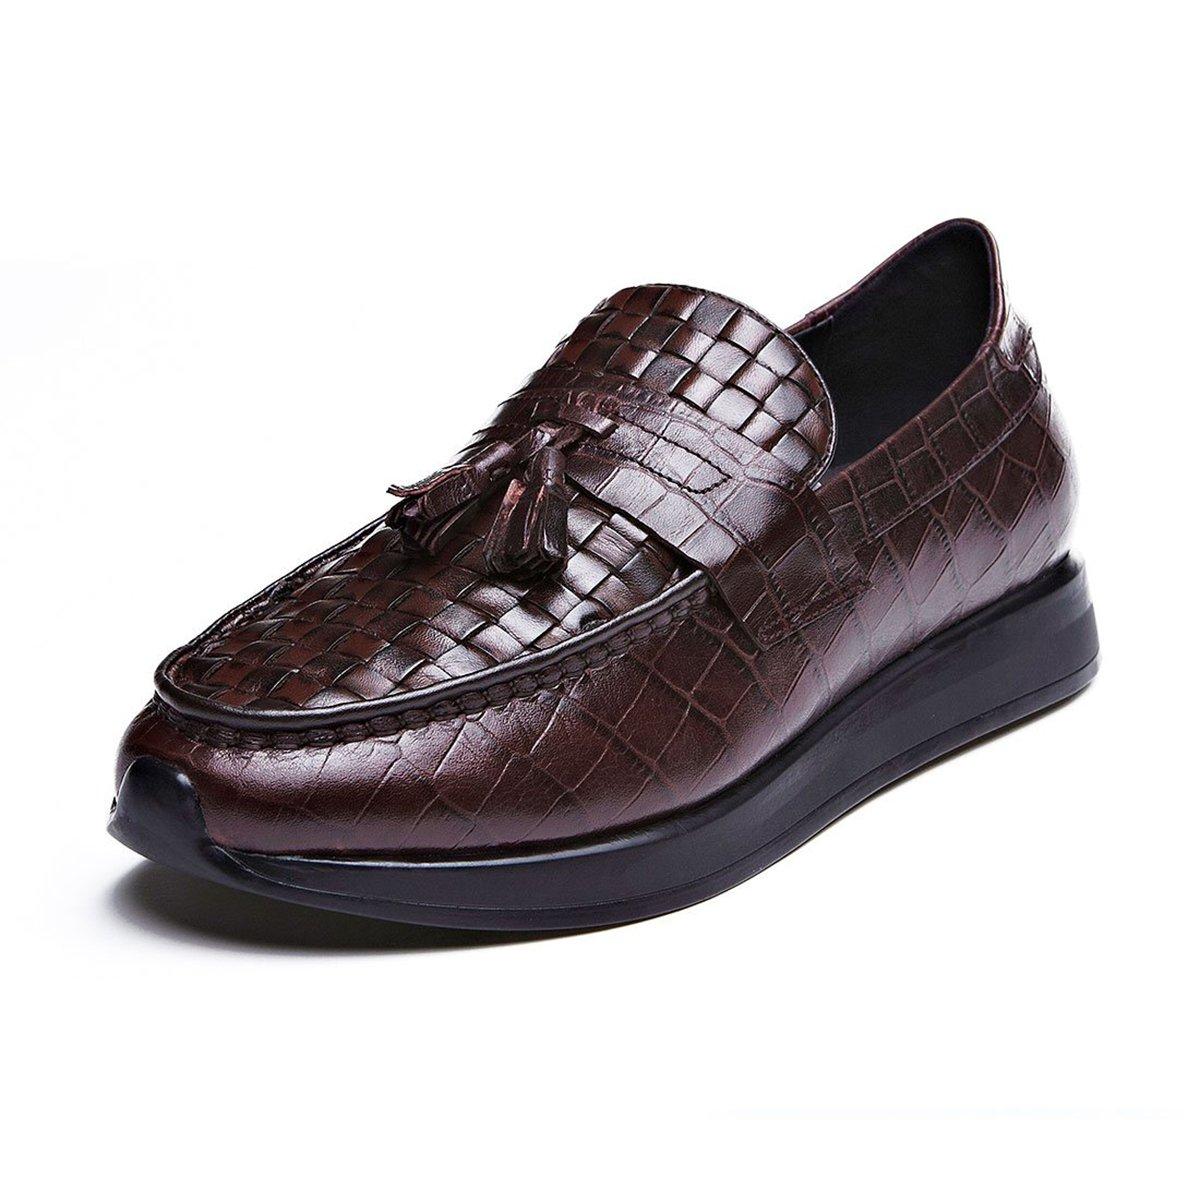 乔比迈凯秋季透气厚底增高正装乐福鞋复古编织英伦鞋真皮男士商务休闲皮鞋VIPDY5201R0